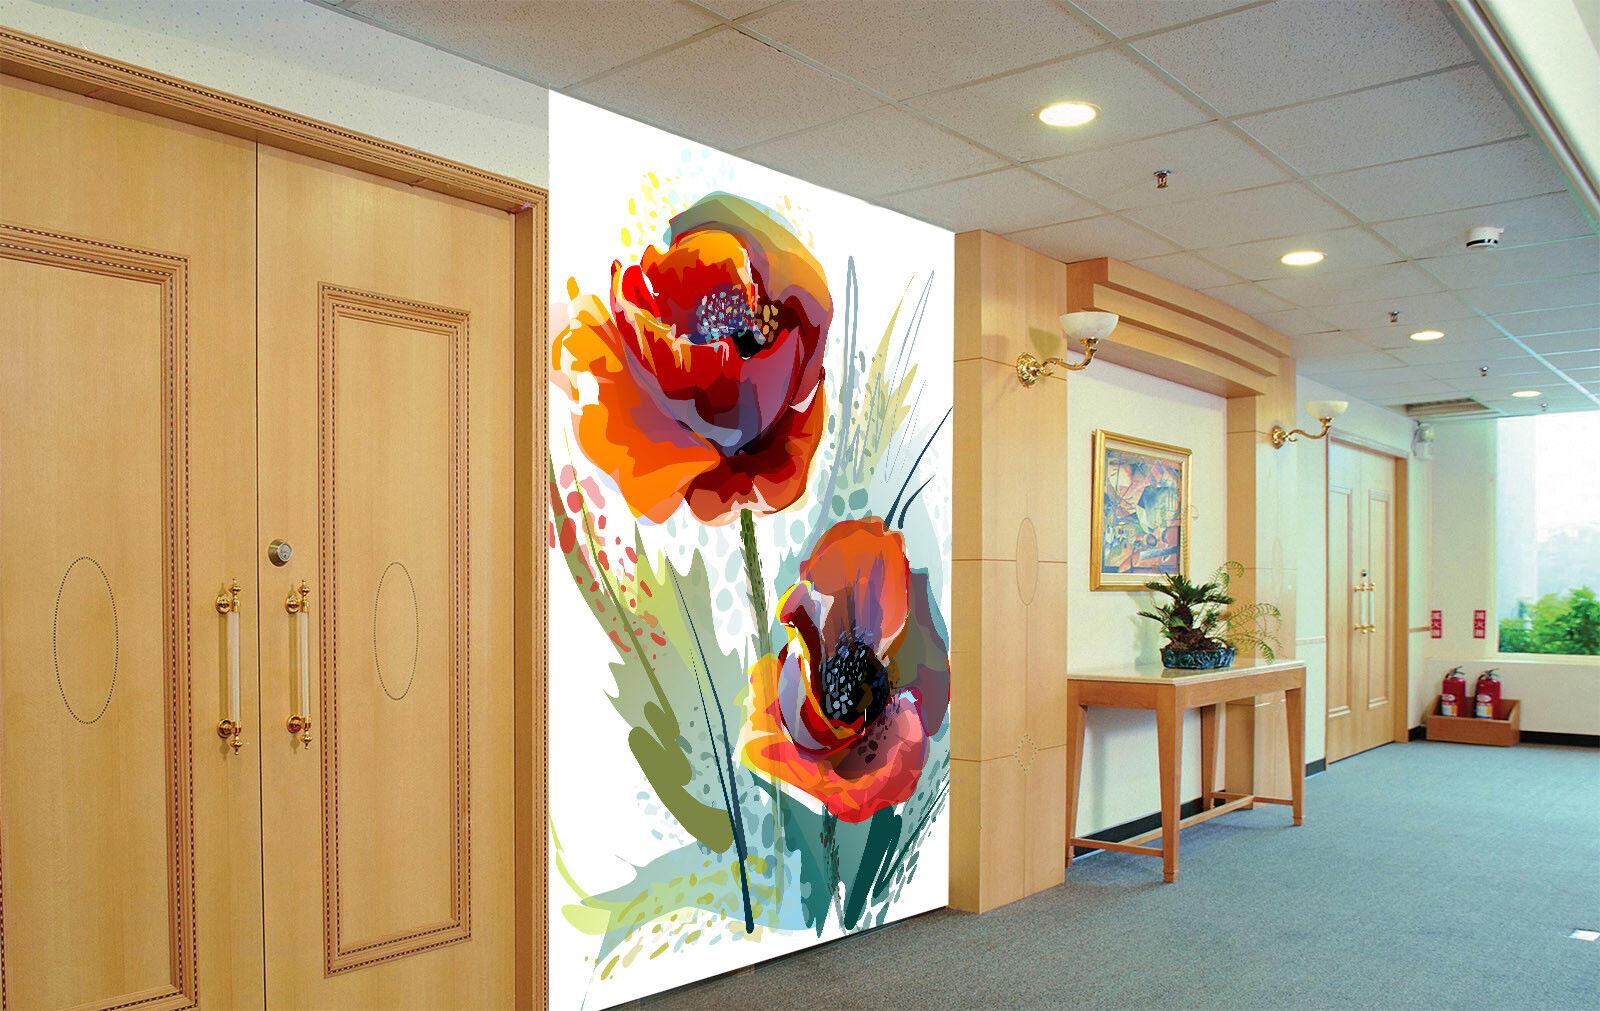 3D Aquarell Rosa 854 Tapete Tapete Tapete Wandgemälde Tapete Tapeten Bild Familie DE Summer | Heißer Verkauf  | Deutschland Shop  | Online einkaufen  243225